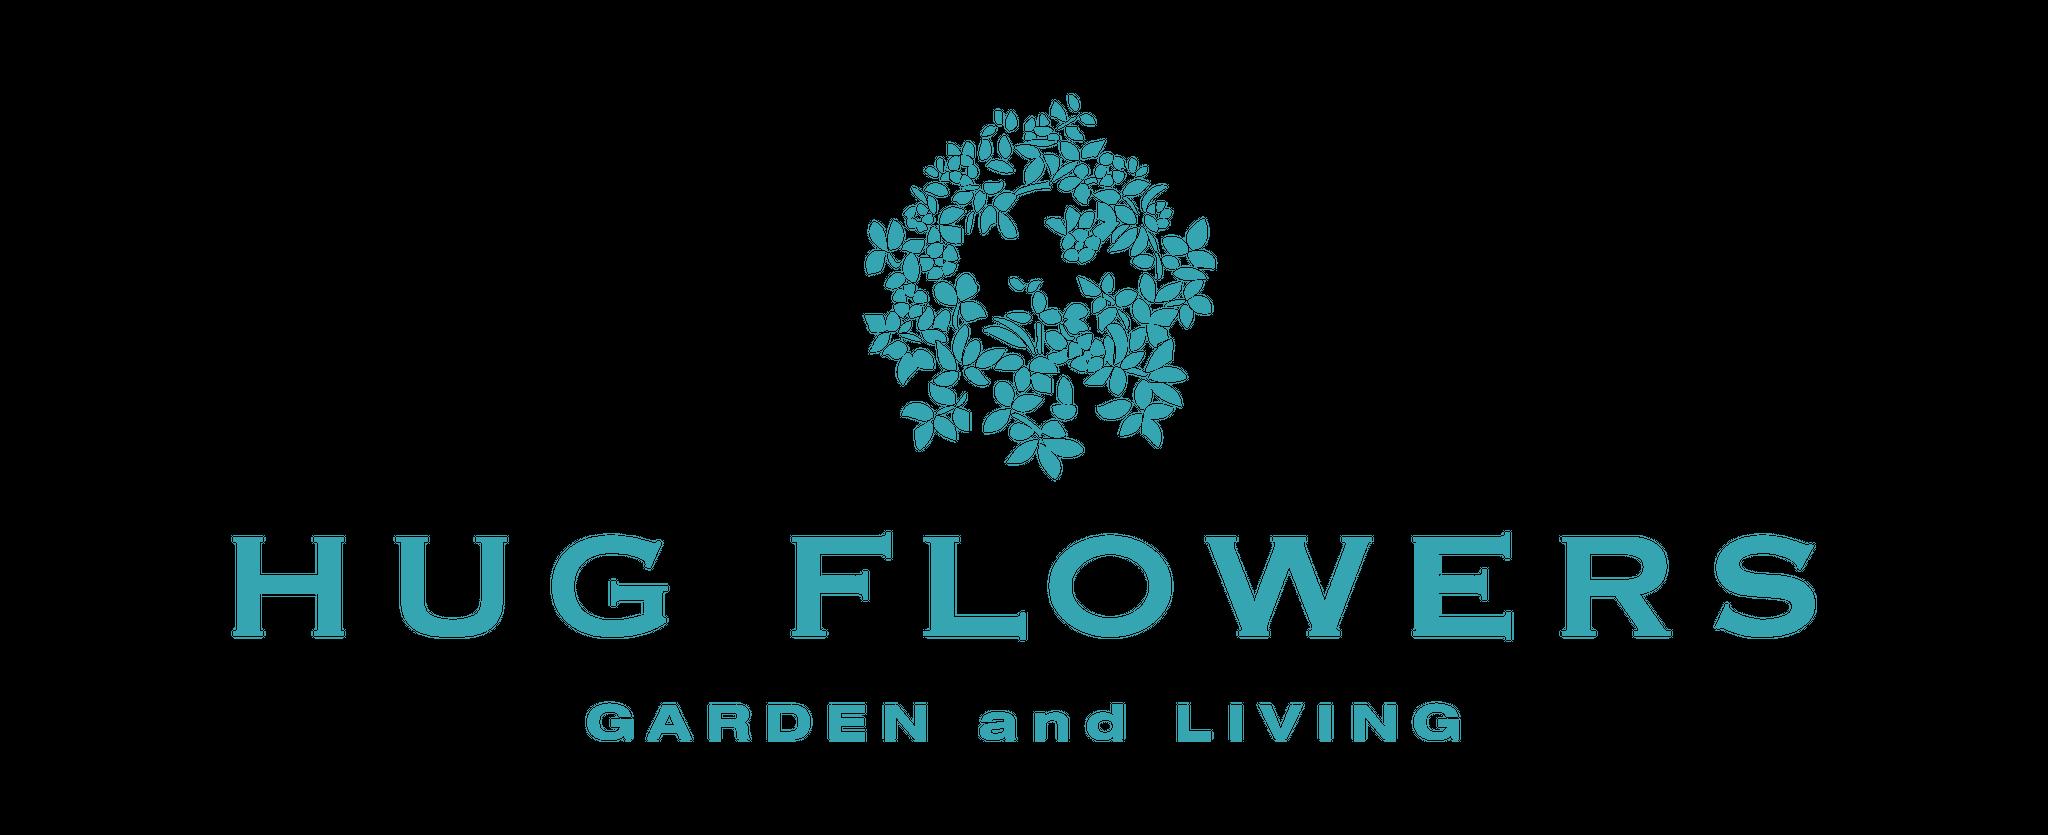 【母の日 花のプレゼント ギフトフラワー】HUG FLOWERS-北海道札幌4プラの花屋 お花の宅配 配達通販公式サイト